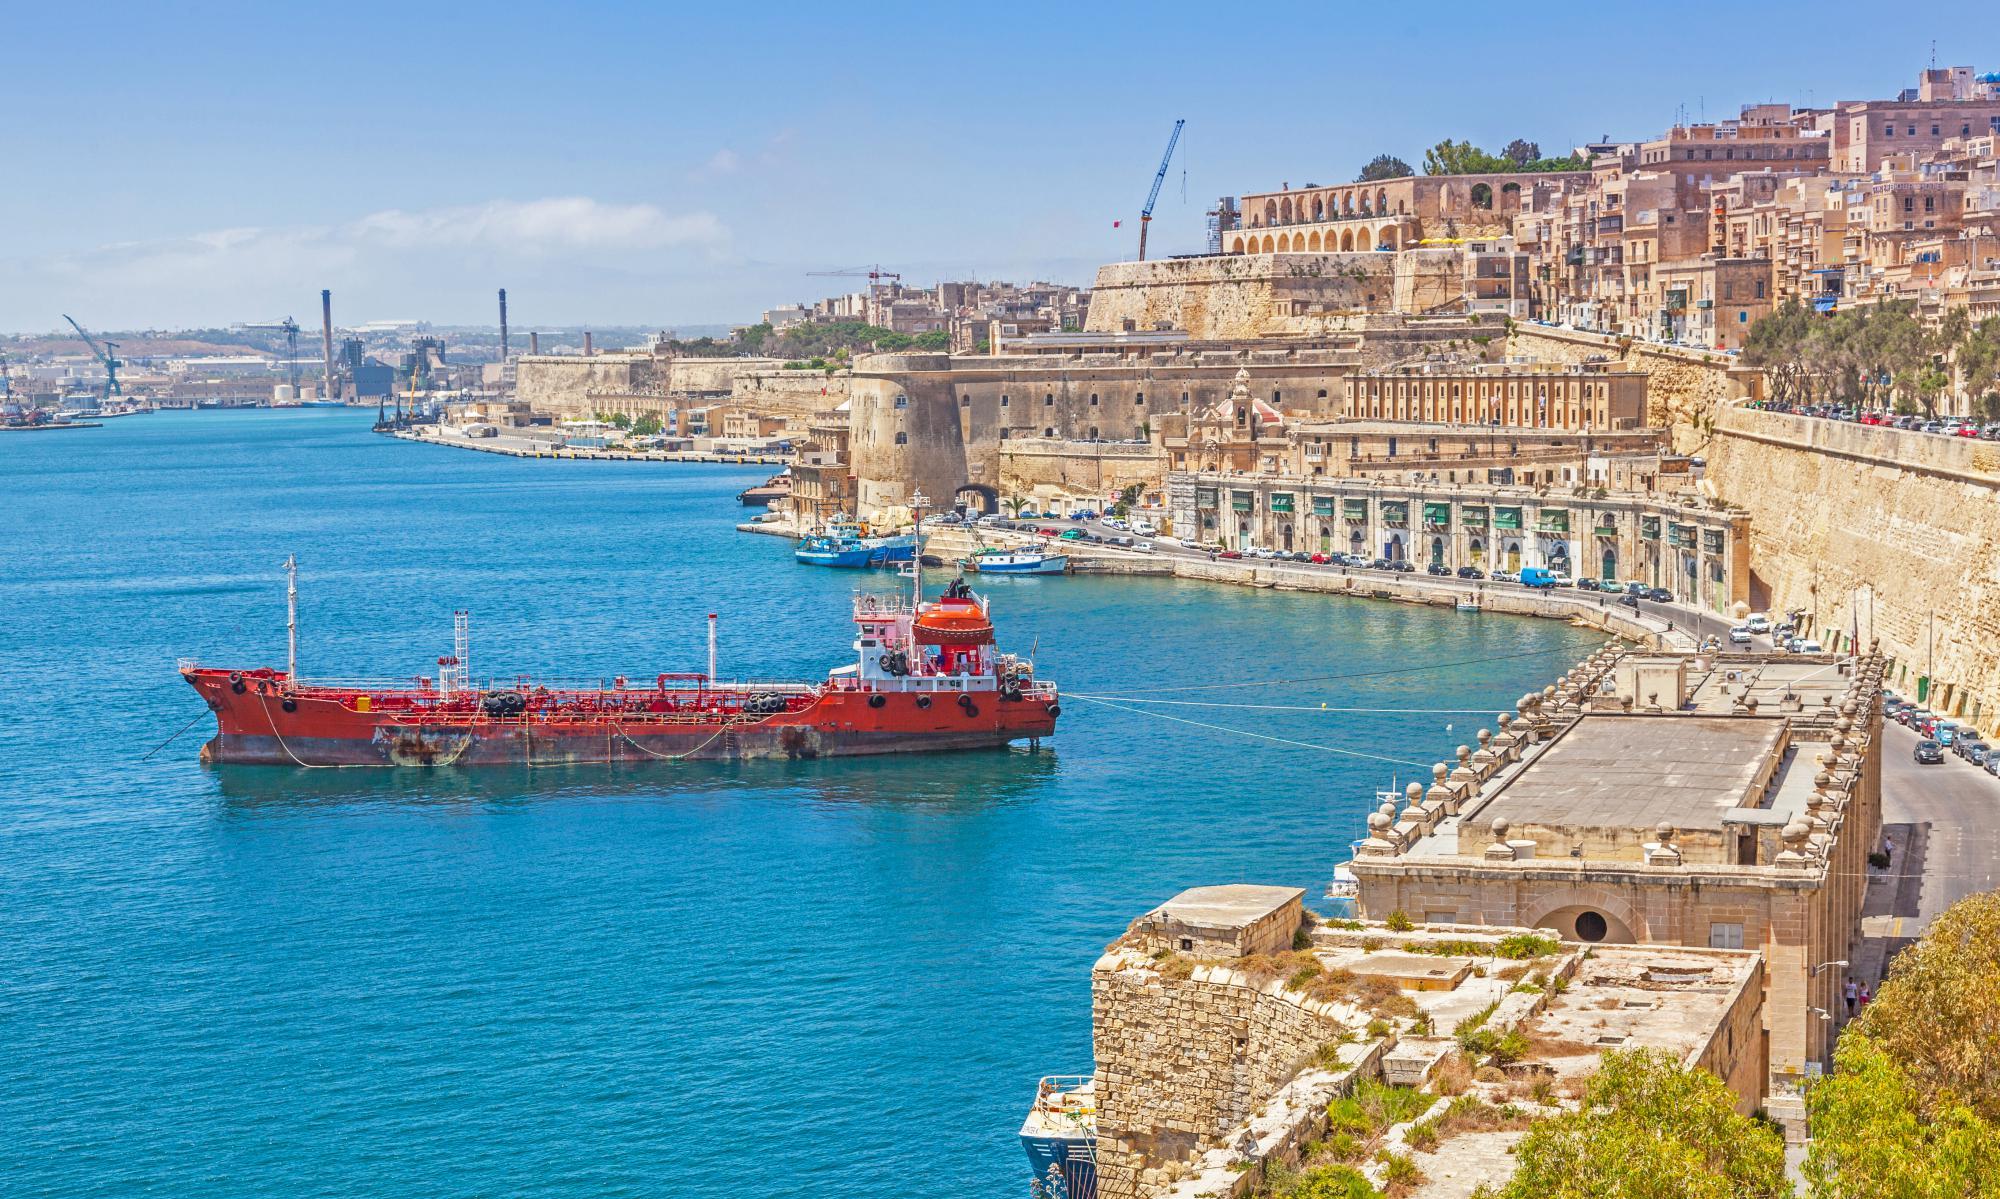 Мальта: закон об изъятии активов с неподтвержденными источниками происхождения отложен